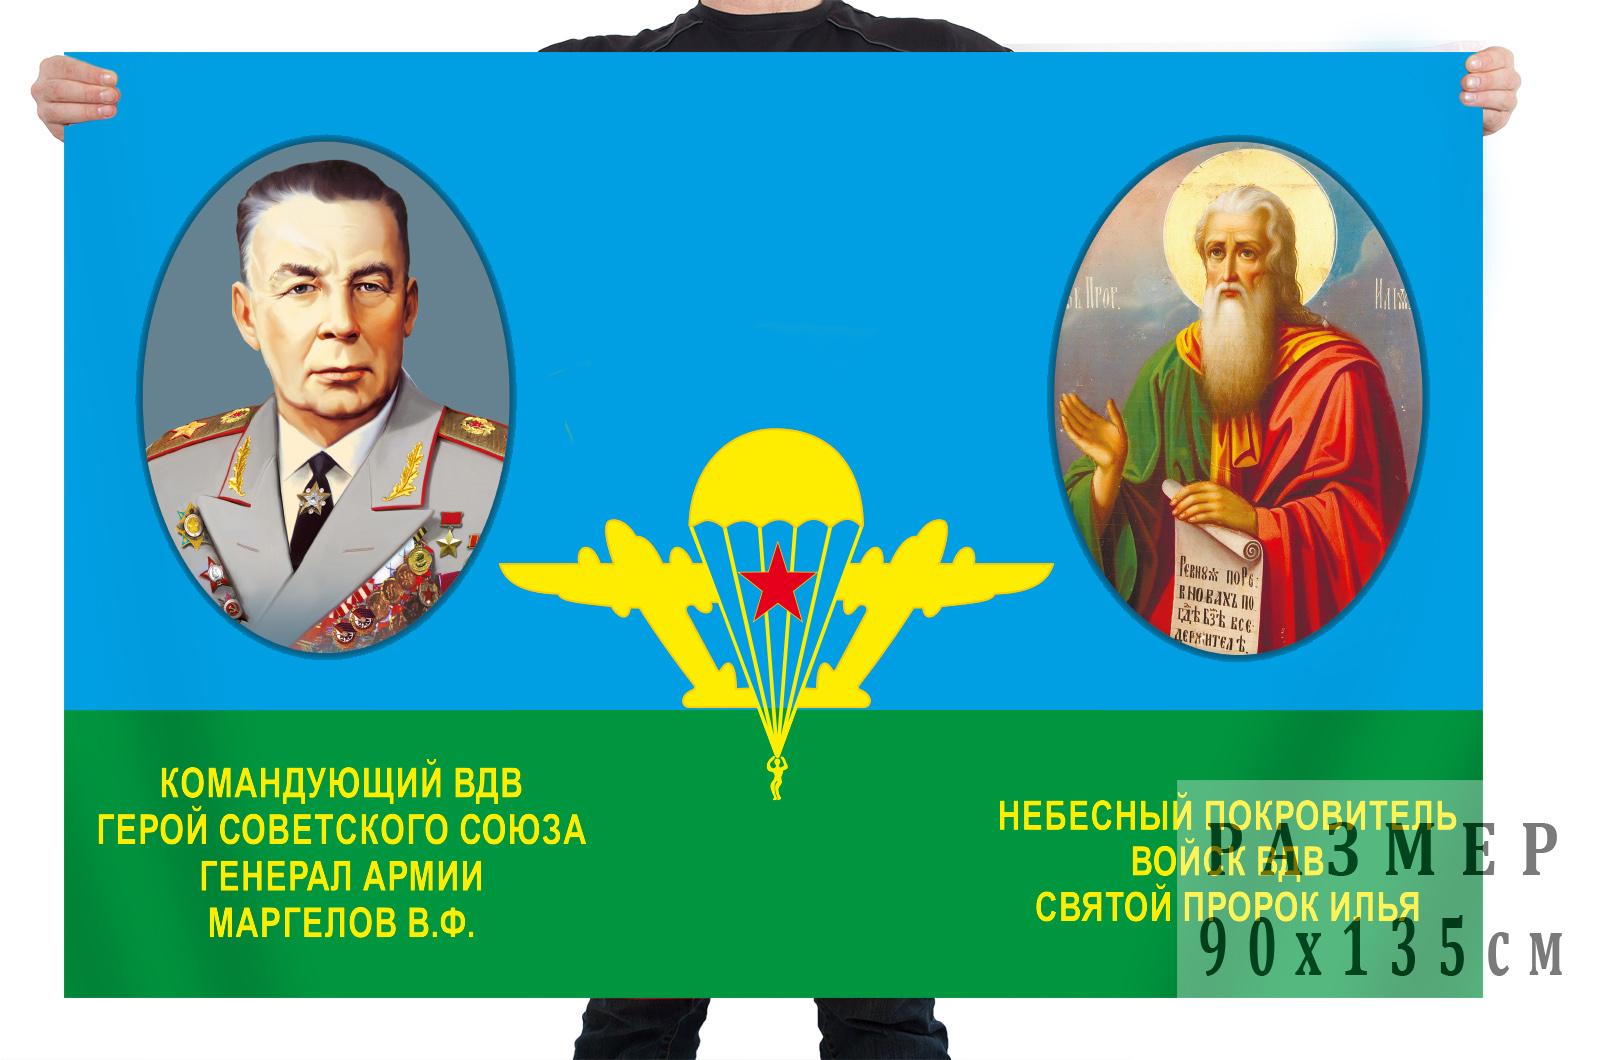 Купить в Москве флаг ВДВ с Маргеловым и пророком Ильей